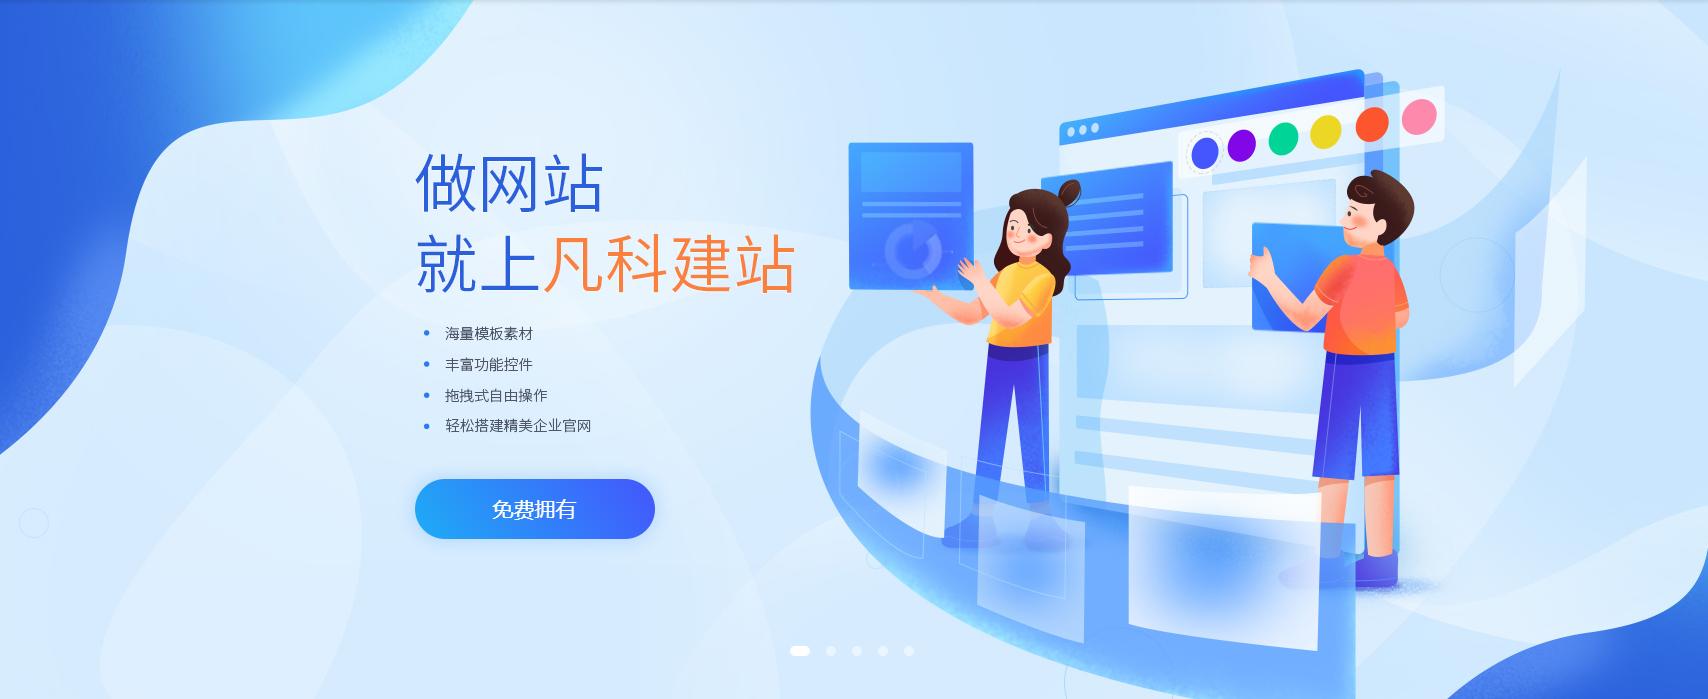 扁平化网站怎么设计